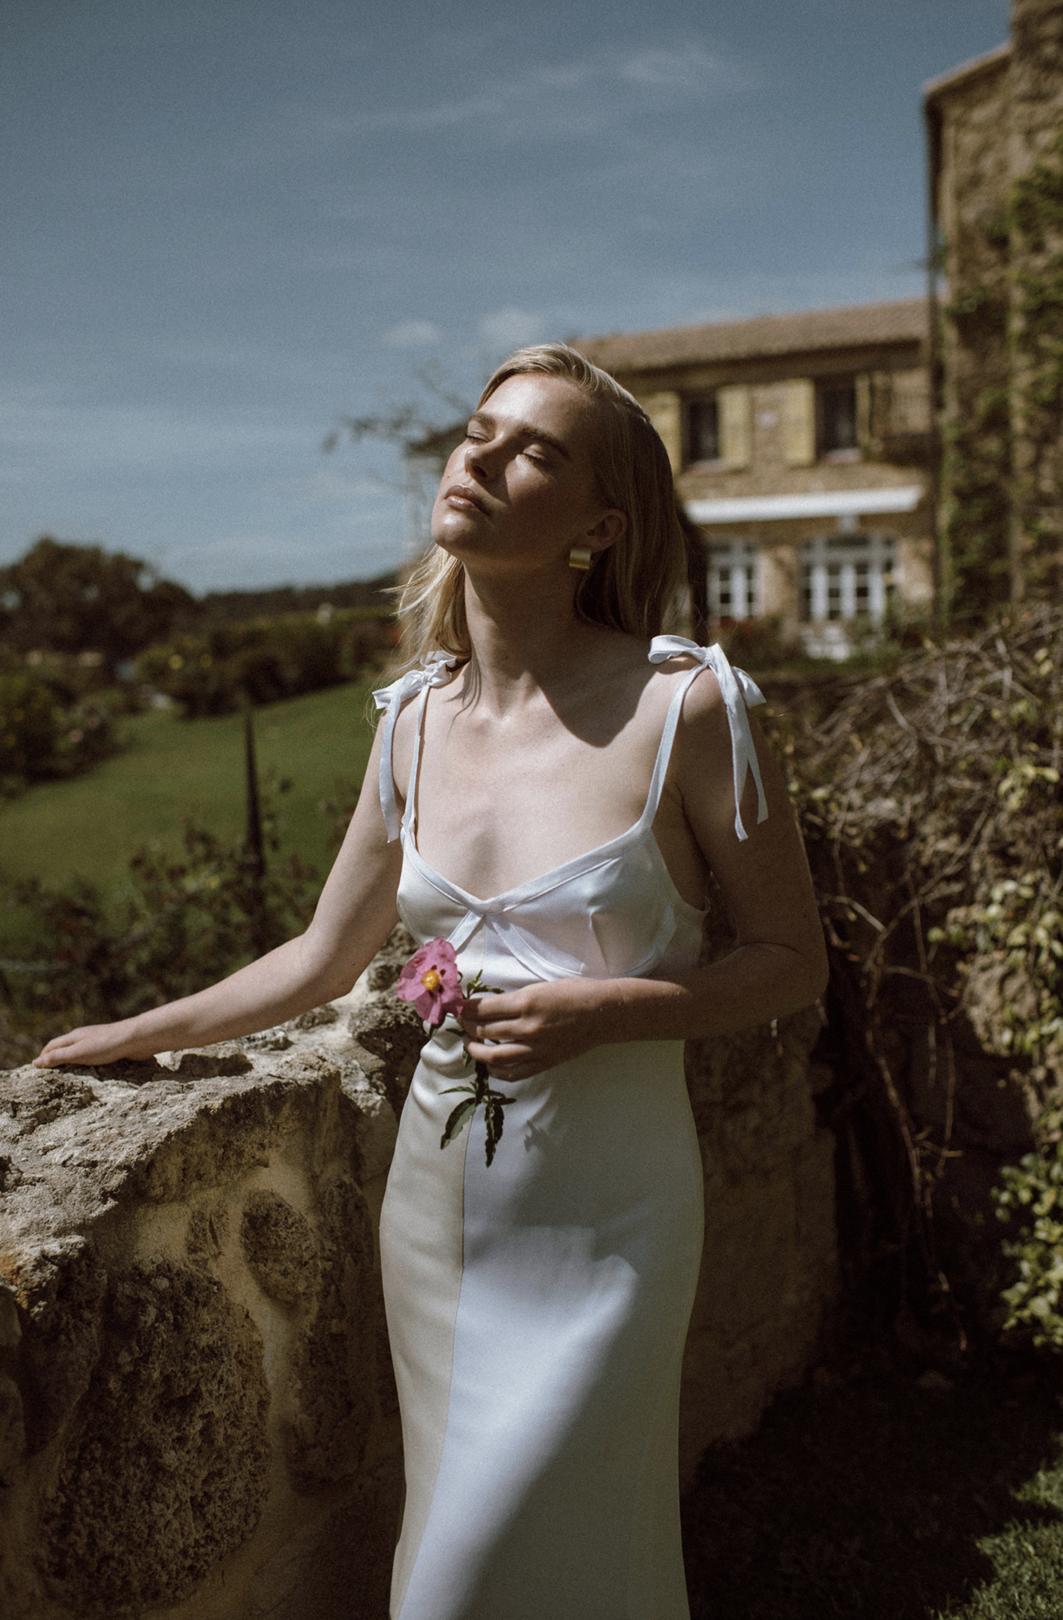 lucien dress dress photo